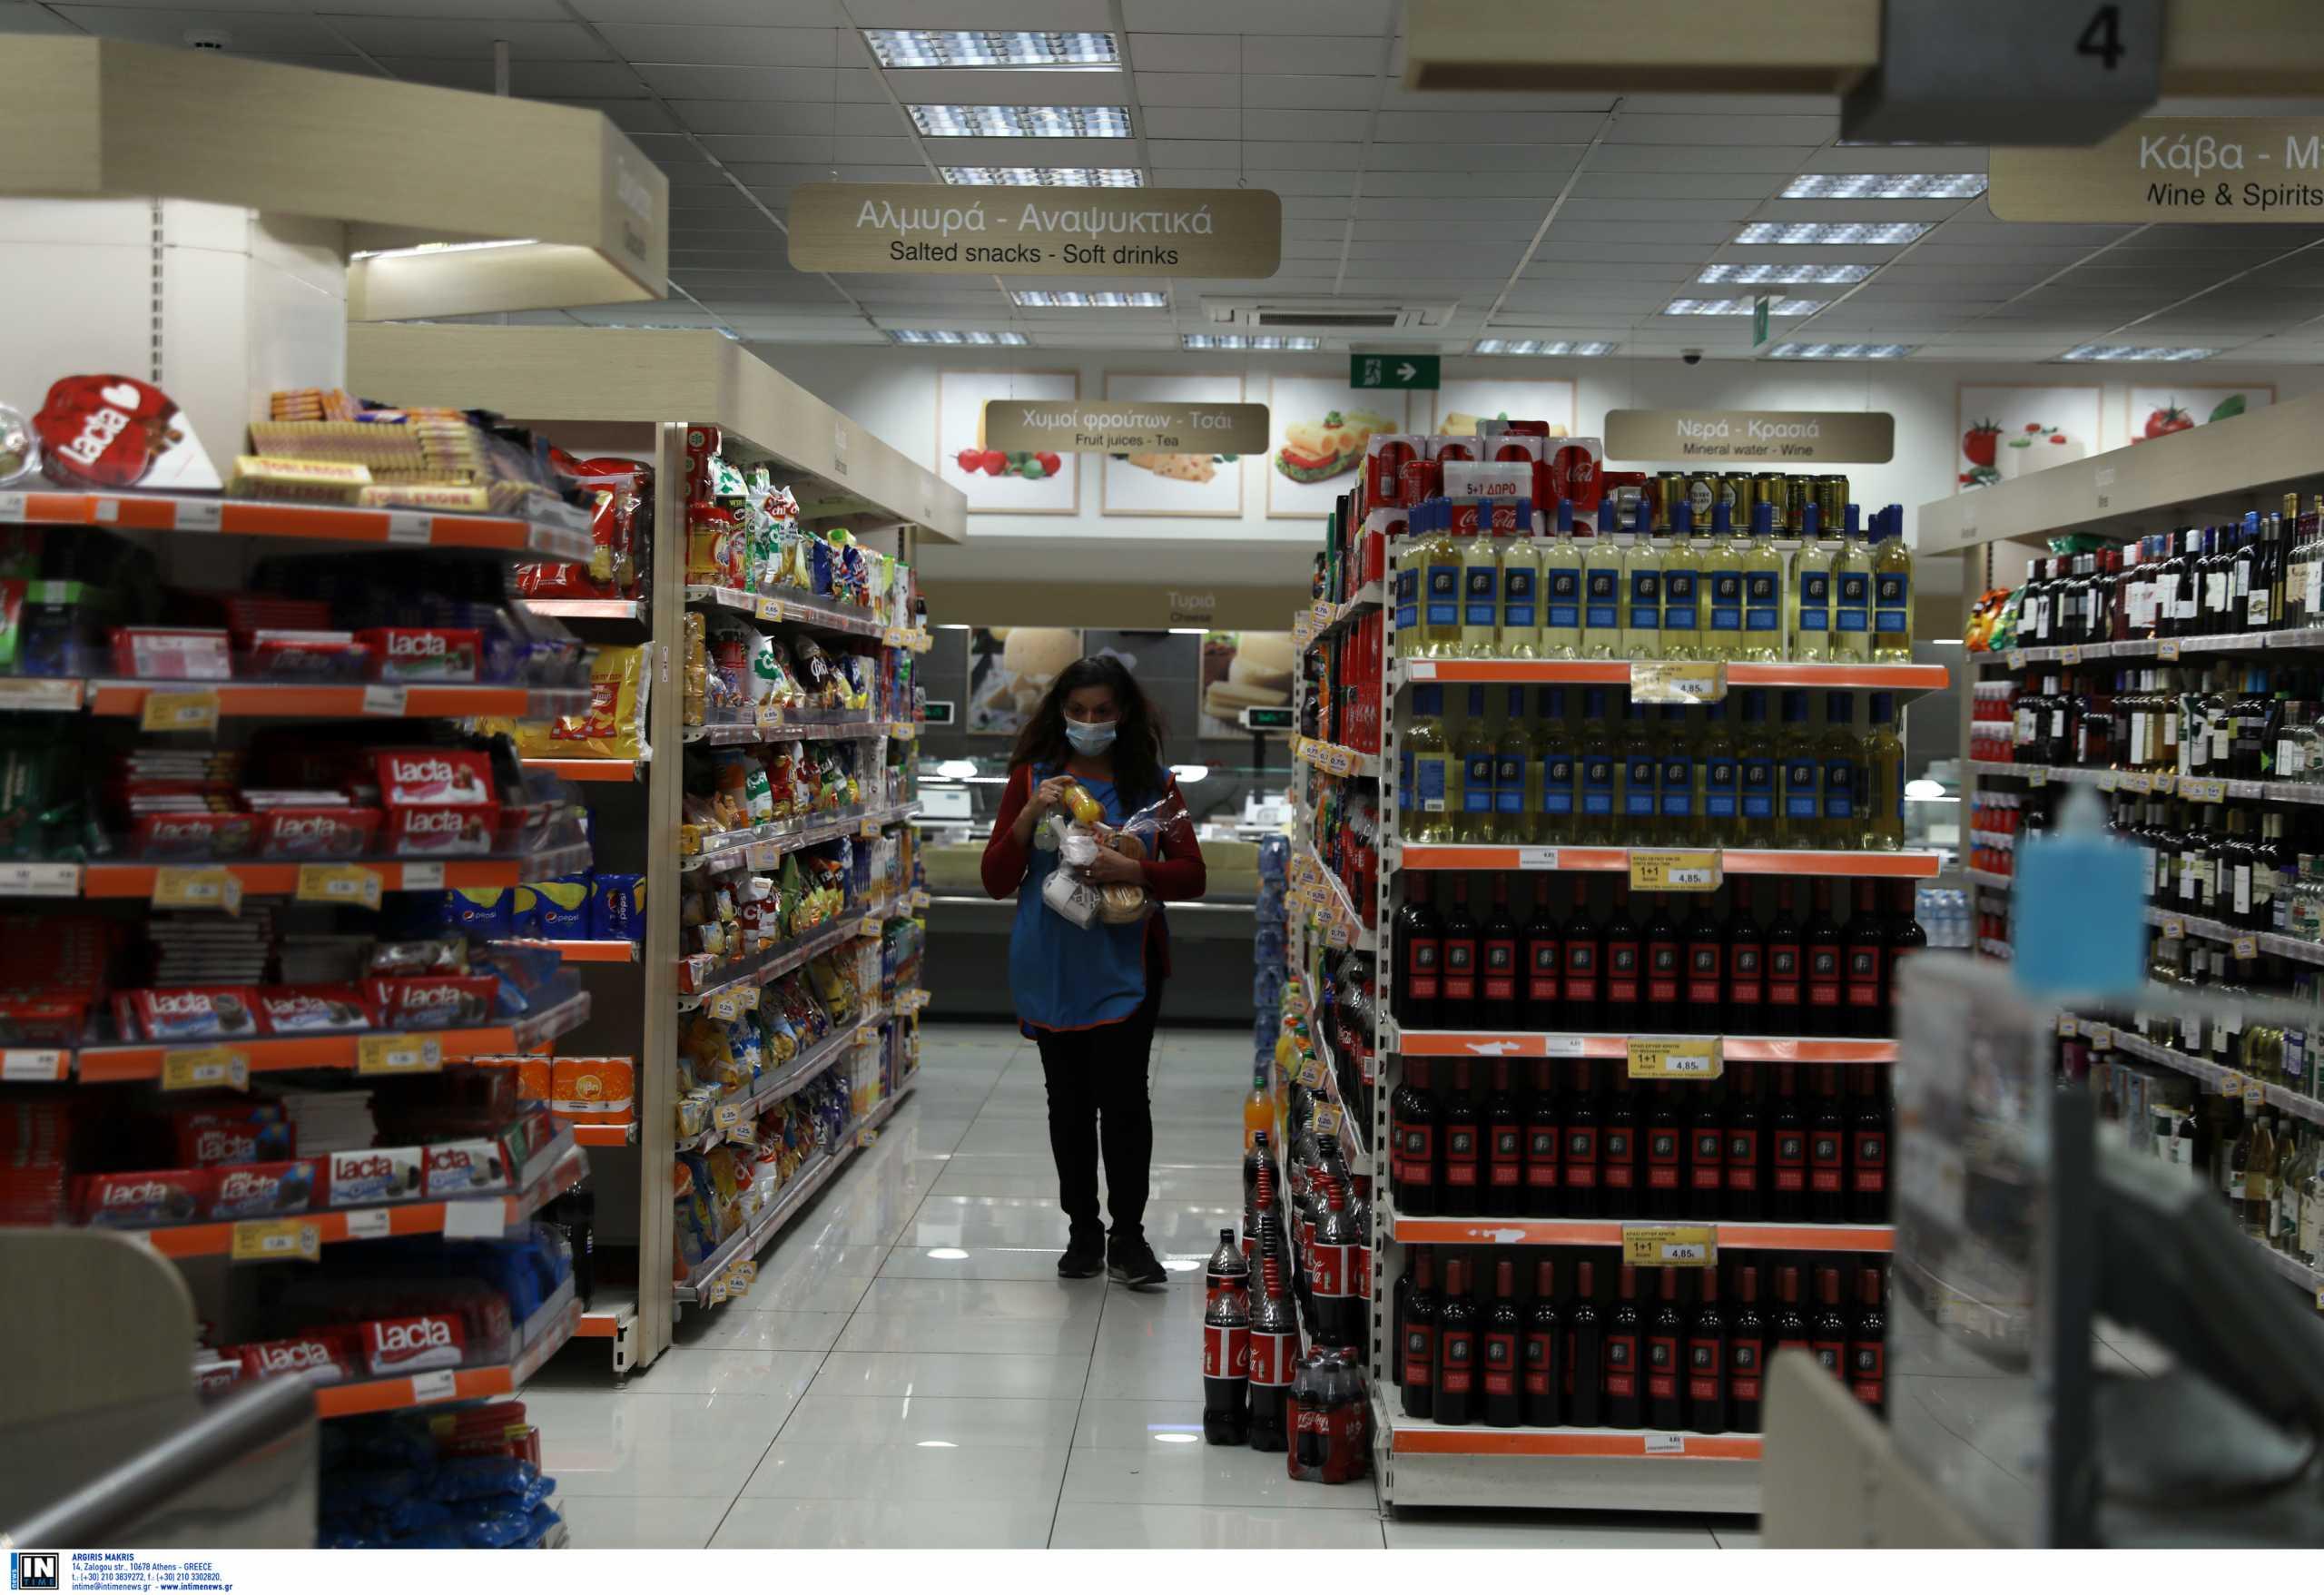 Άδωνις Γεωργιάδης για ανατιμήσεις: Αυξήσεις μέχρι τα Χριστούγεννα – Να τις «απορροφήσουν» όσο μπορούν τα σούπερ μάρκετ